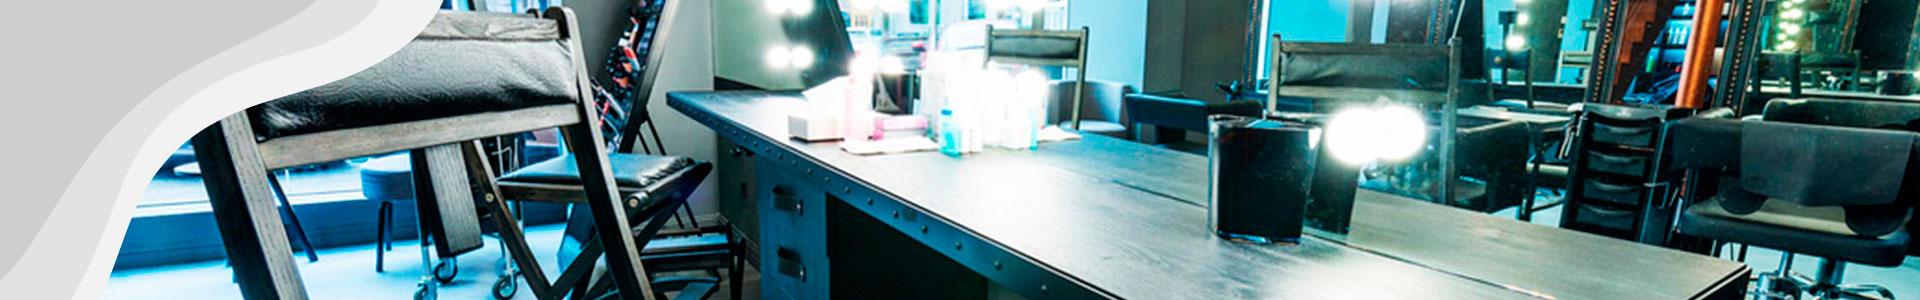 Sistemas de Control de Iluminación - Facultad de Arquitectura